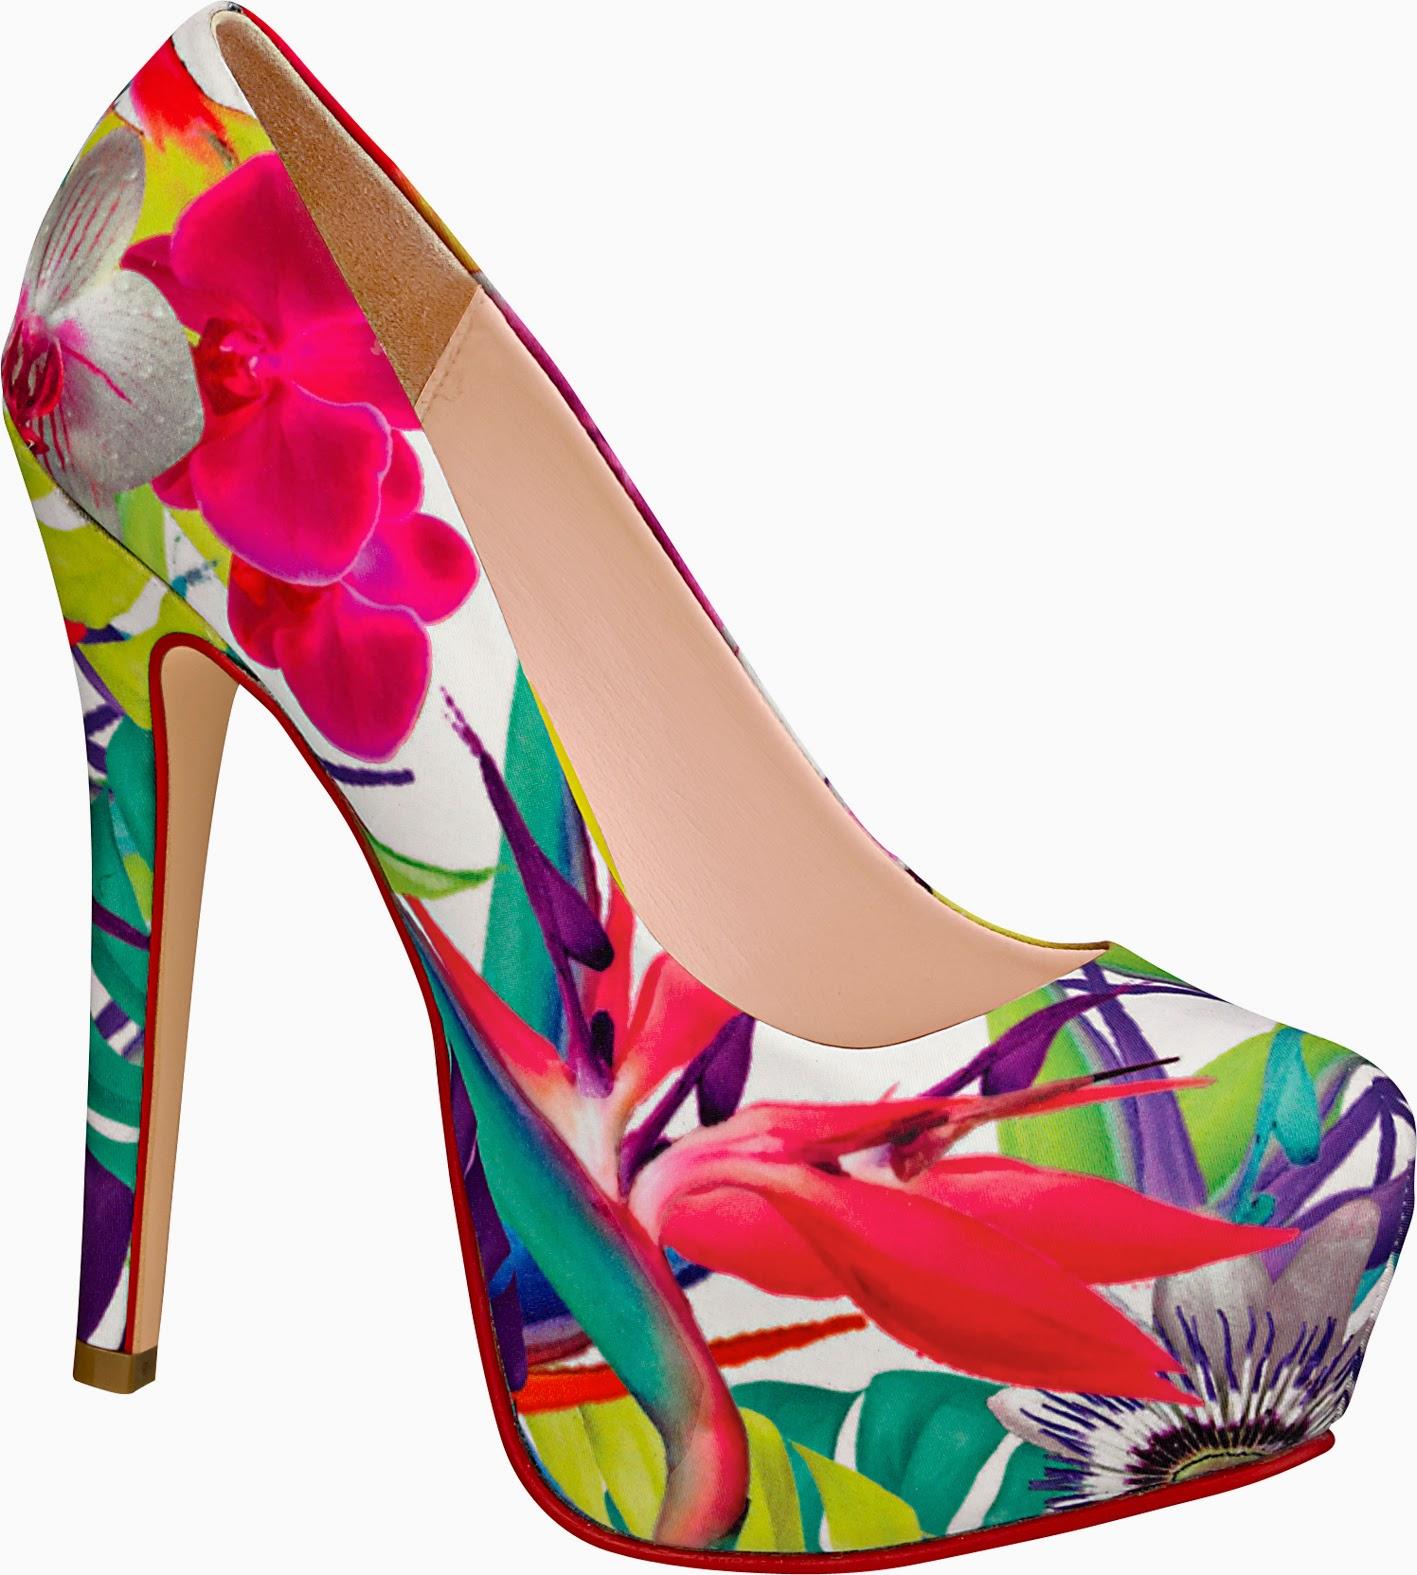 Zapatos de Andrea Pfister Dreamstime - imagenes de zapatos de andrea